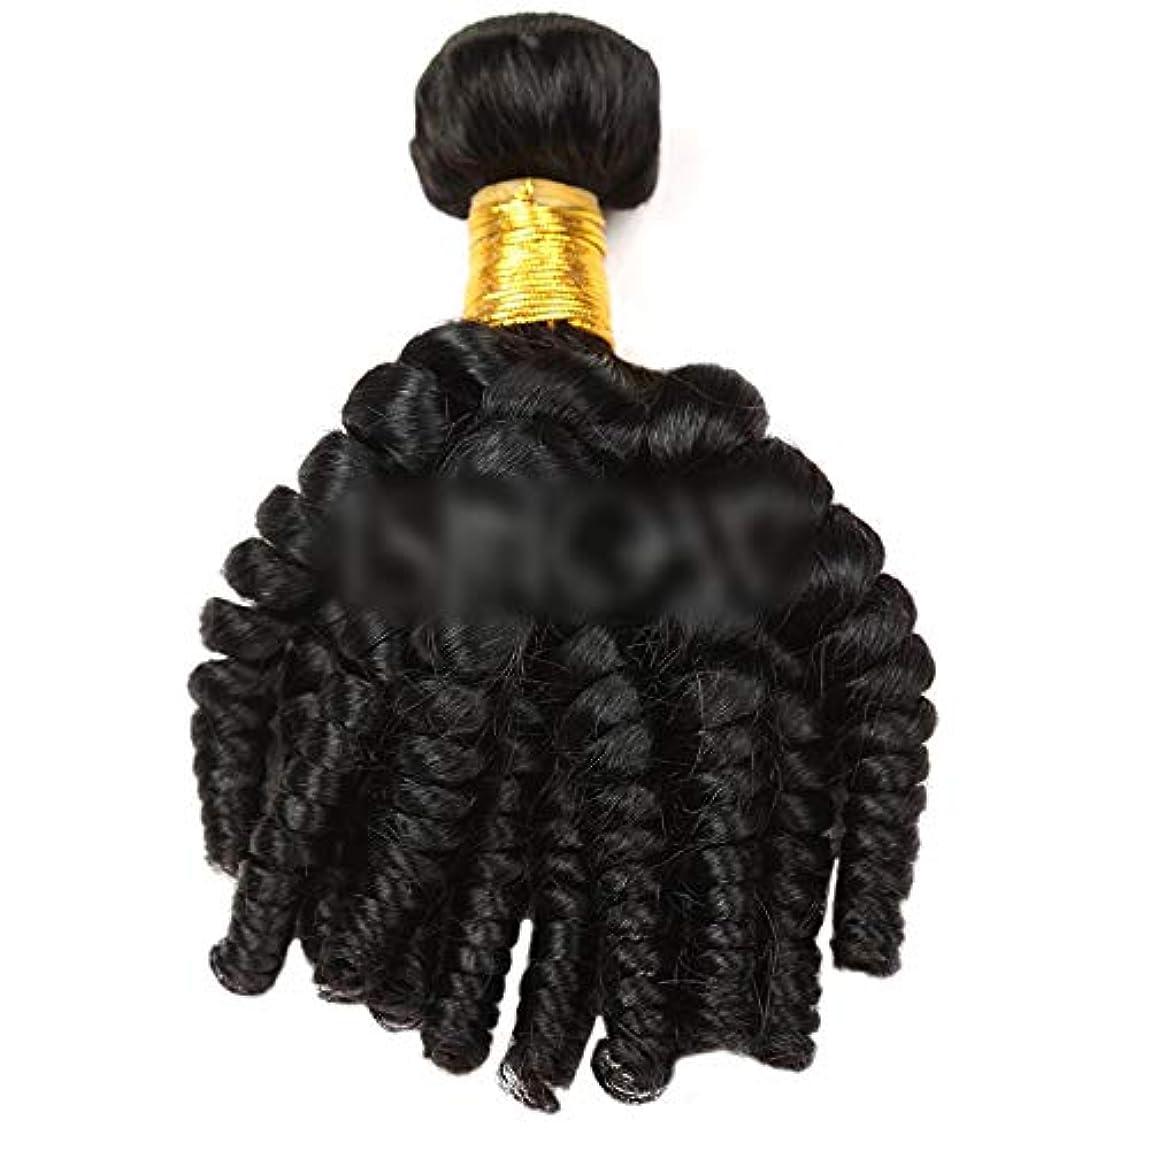 囲む利得騒々しいWASAIO カーリー人間の髪バンドルリアルブラック拡張閉鎖体1つのバンドルにブラジルウィーブ (色 : 黒, サイズ : 26 inch)